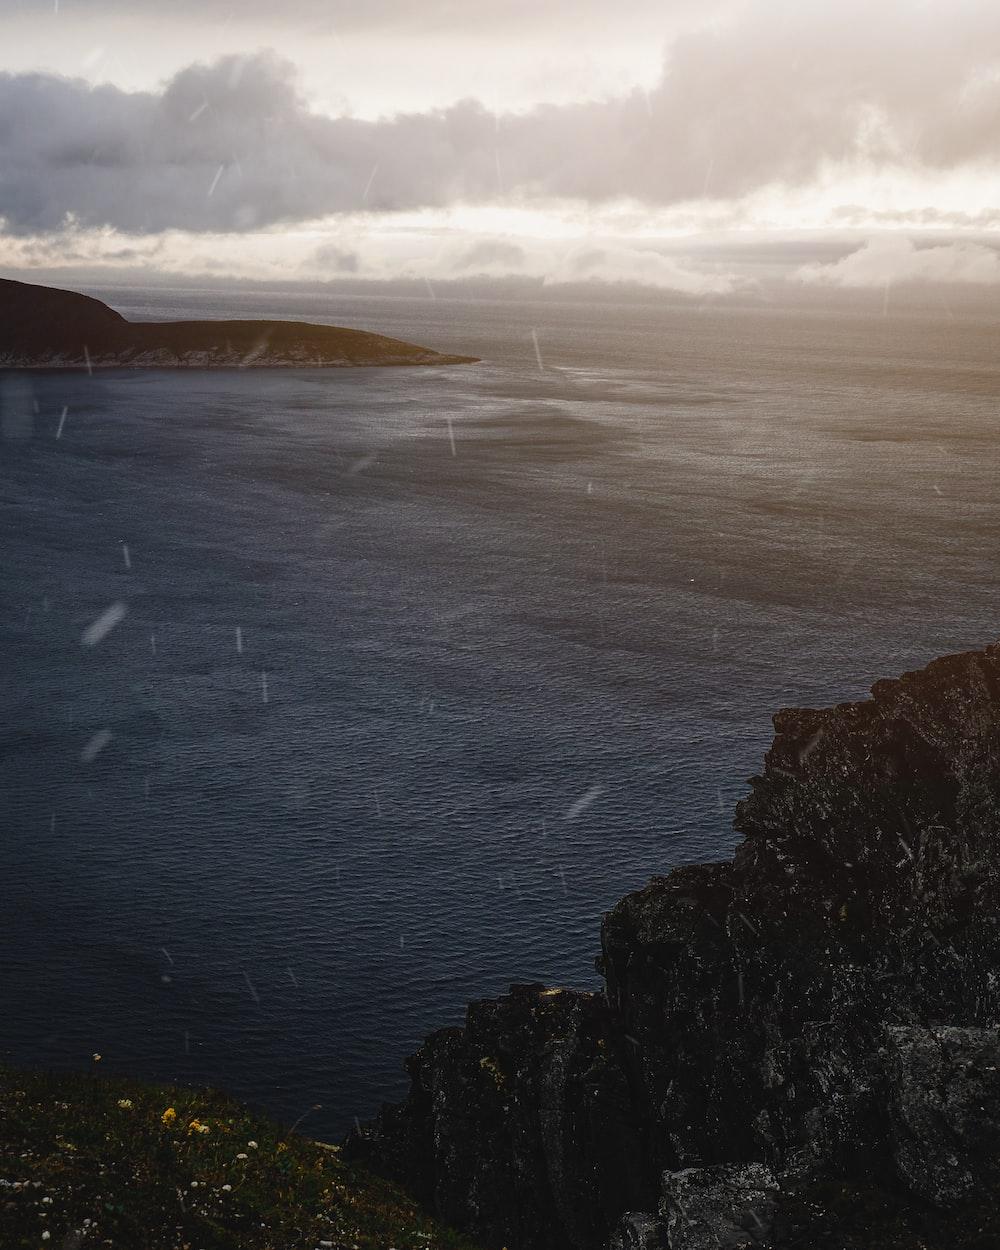 beach cliff viewing calm sea under gray skies